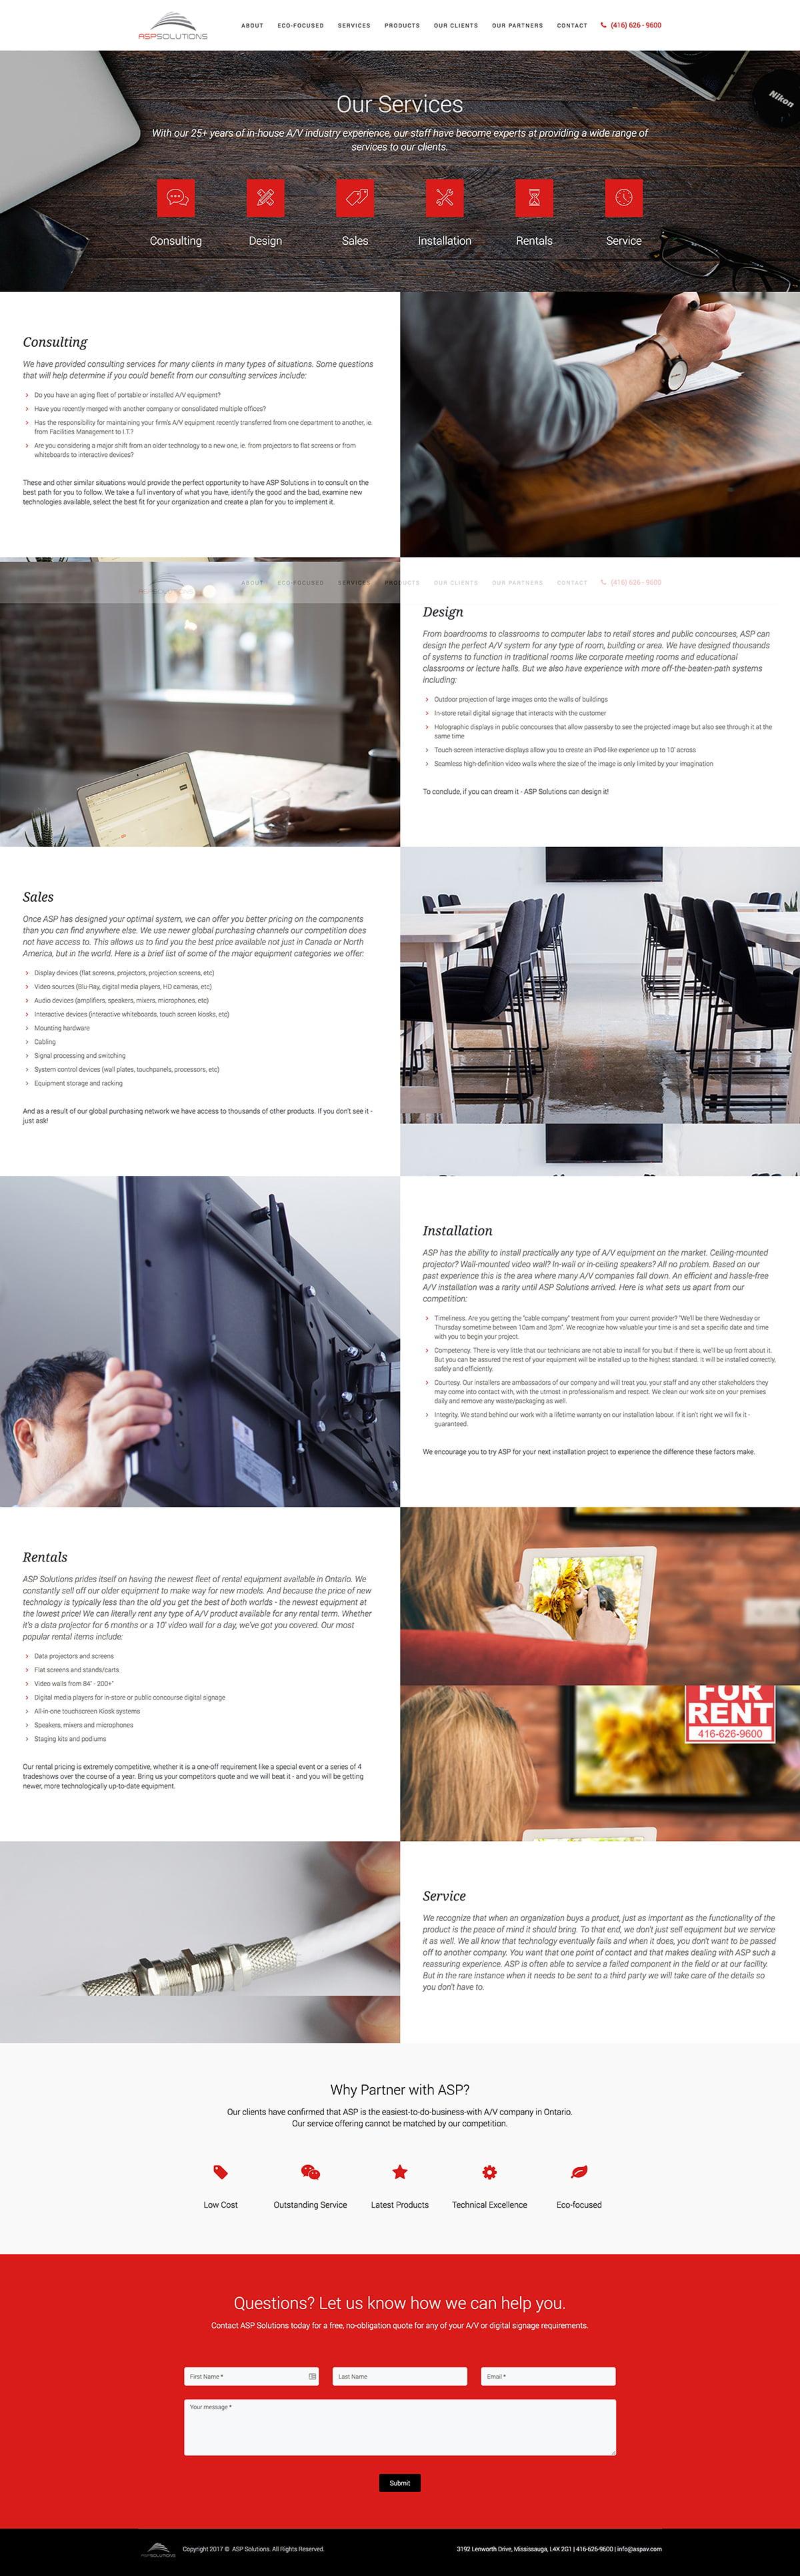 web-design-portfolio-asp3